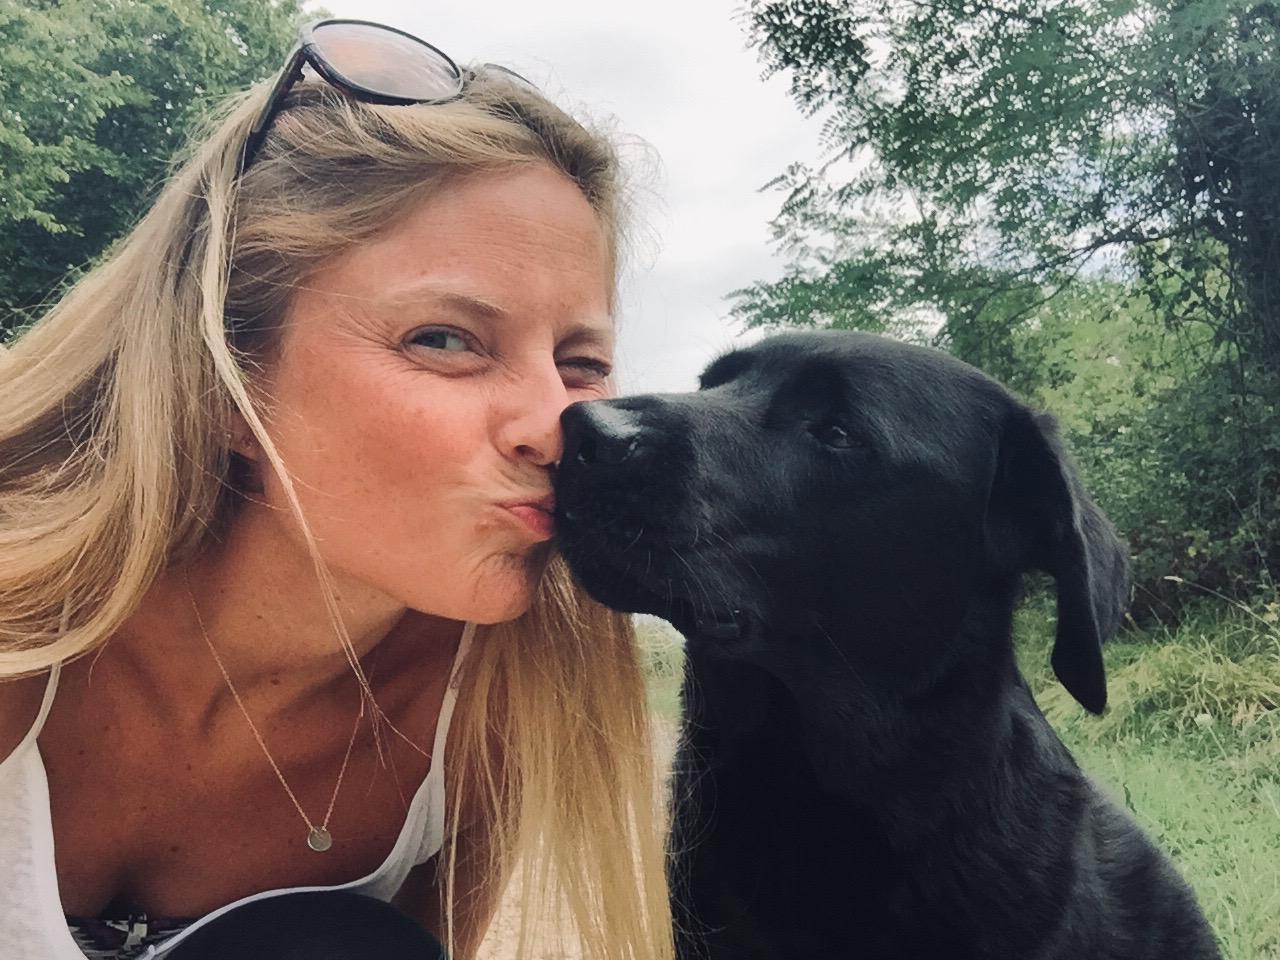 Urlaub mit Hund? Kein Problem! Tipps für einen Urlaub mit Hund (im Ausland)